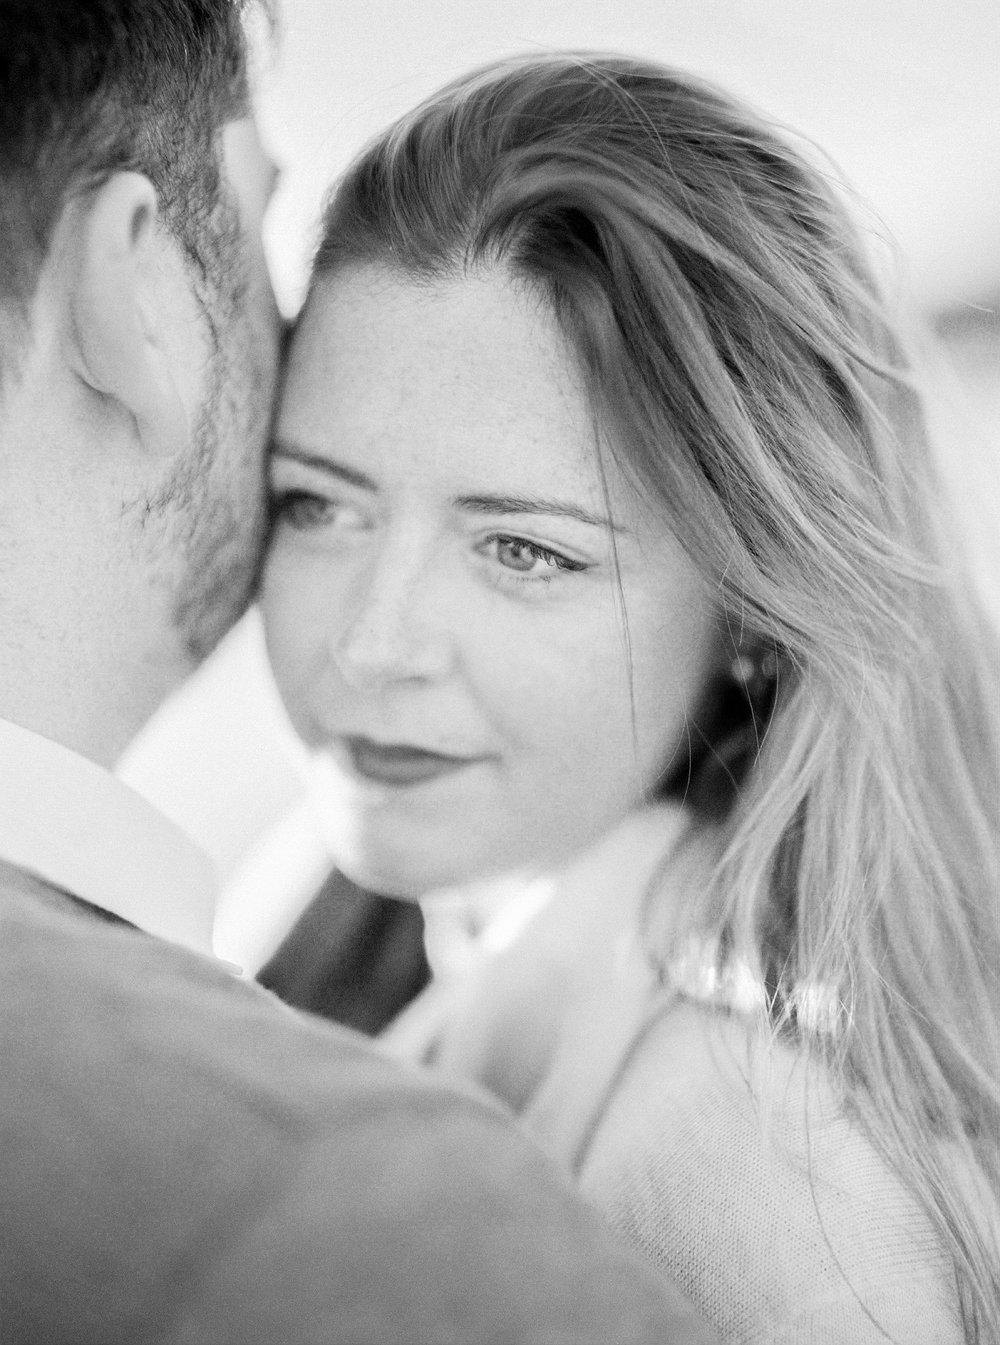 Halifax Wedding Photographer, Jacqueline Anne Photography, Nova Scotia Wedding Photographers, Fine Art Film Photography, Paris Couples Session, Paris Engagement Session